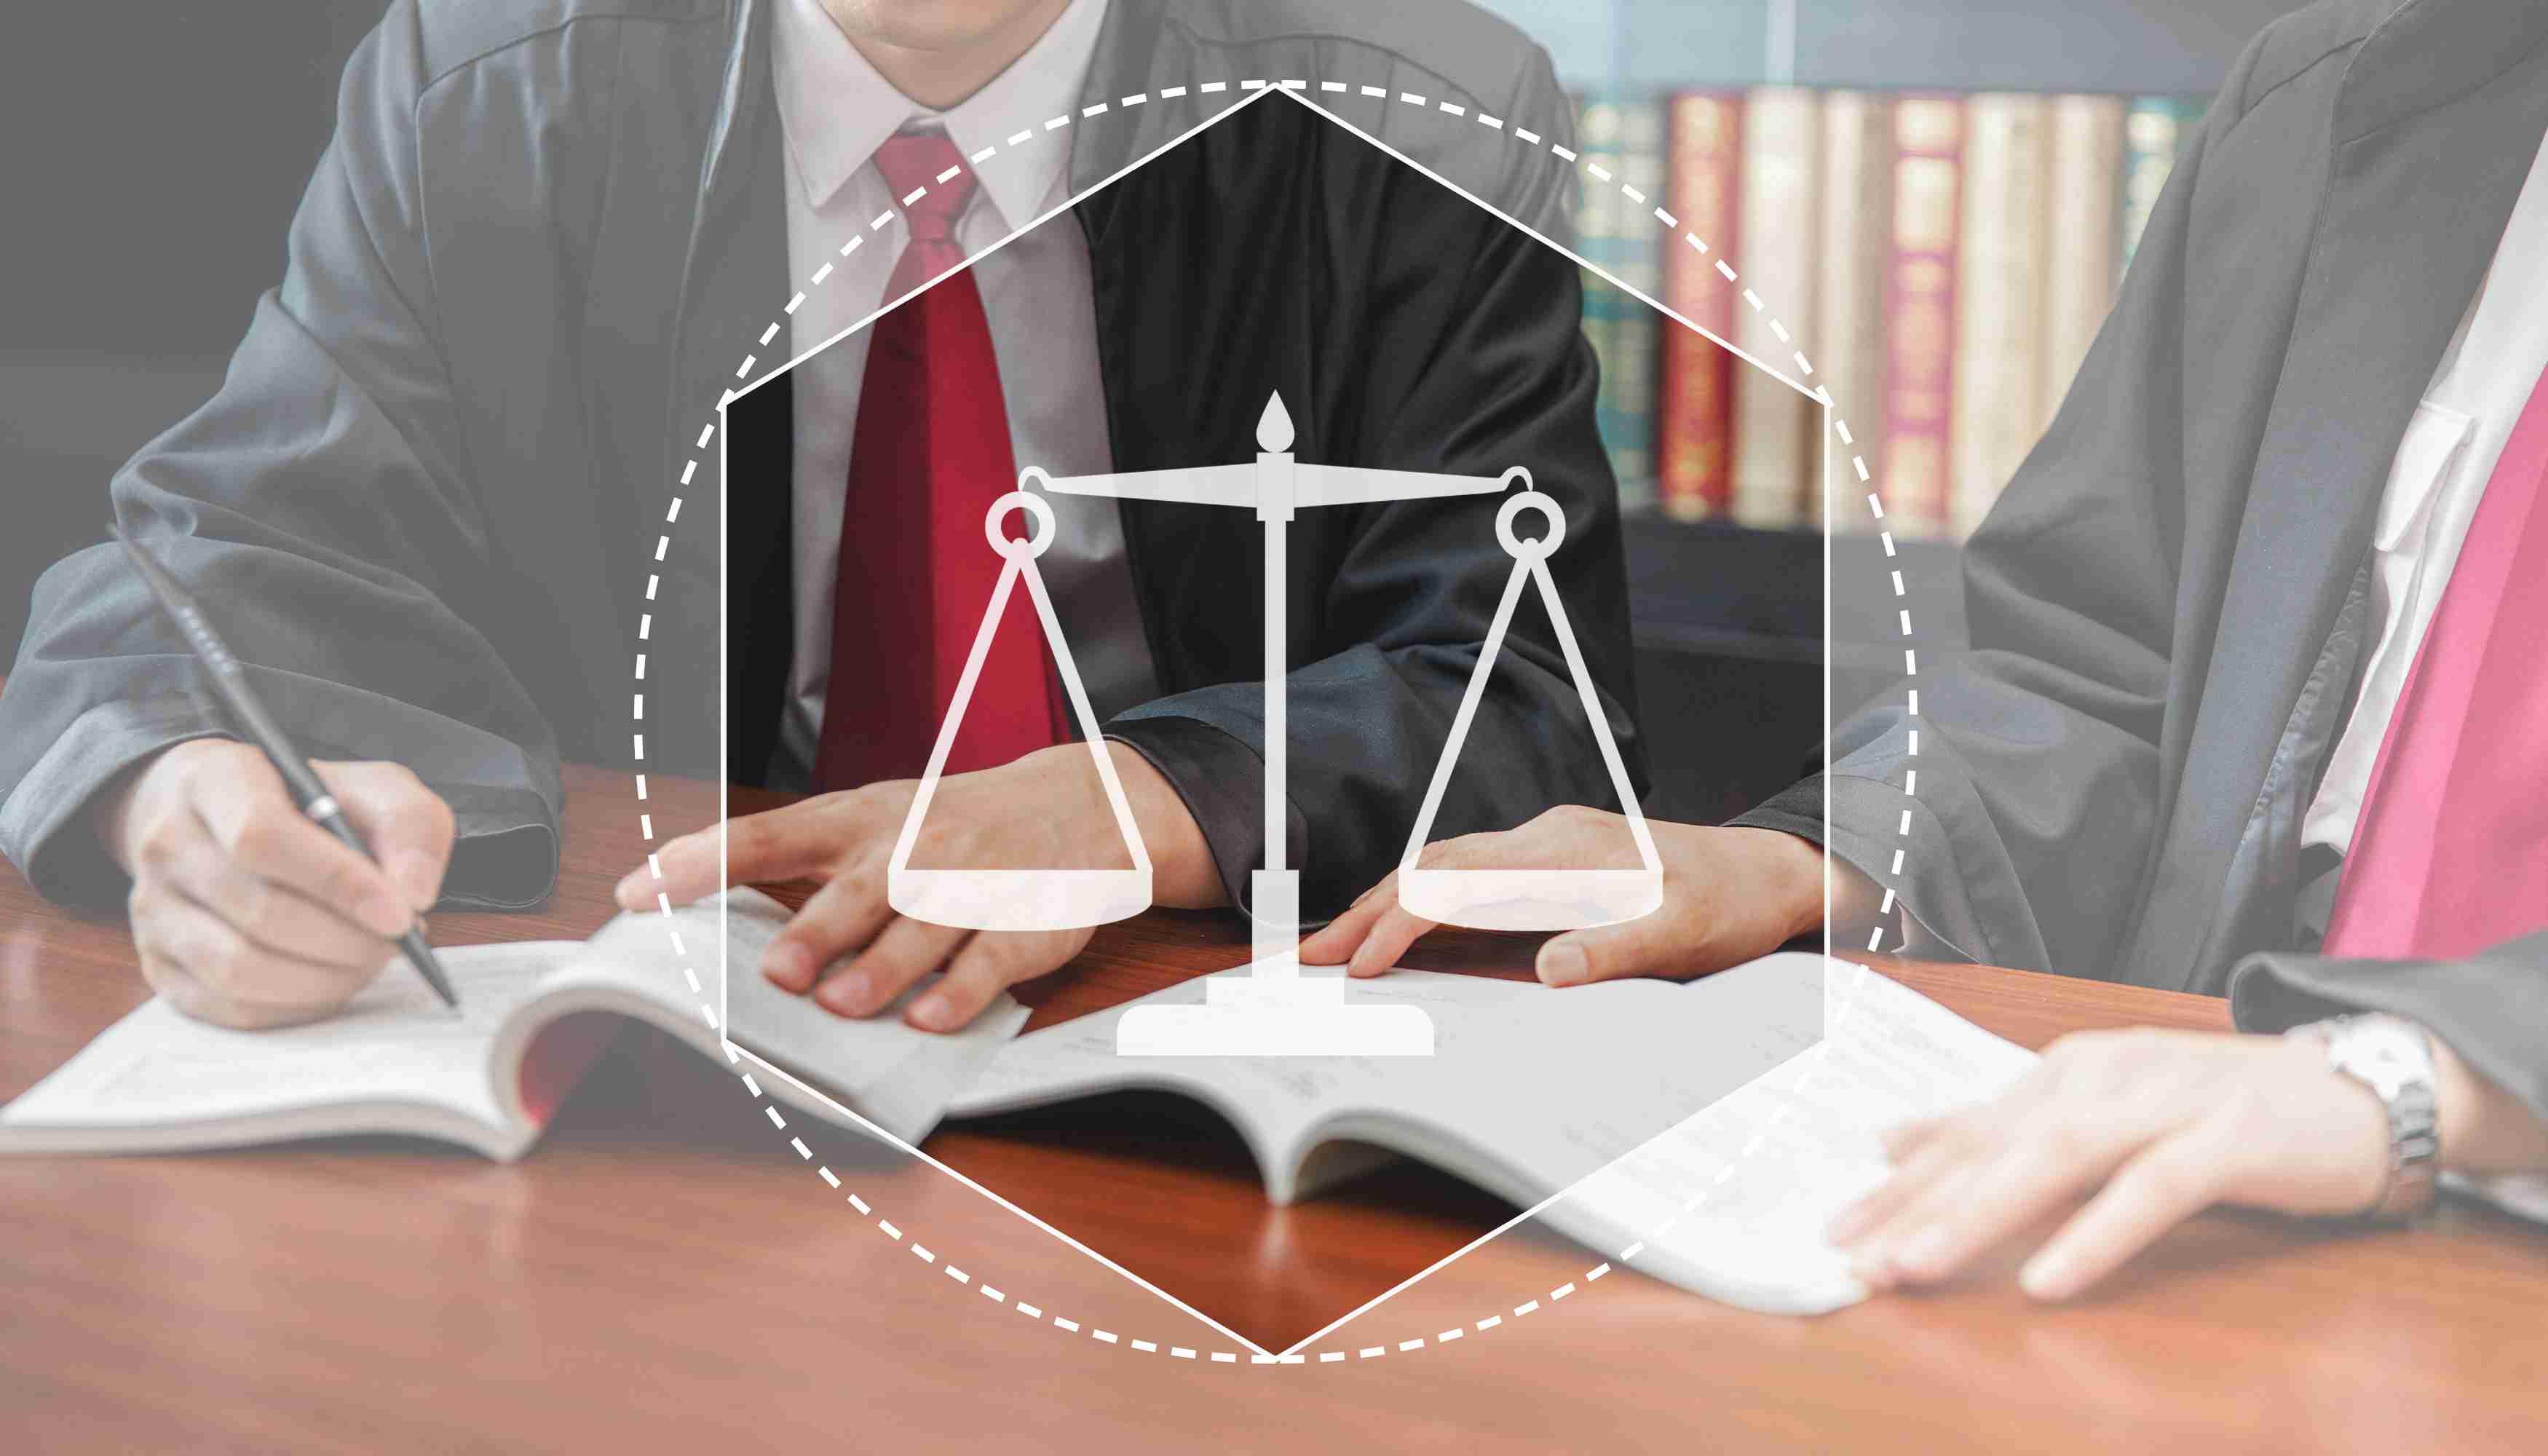 深圳知识产权律师教你 专利侵权应该如何快速取证